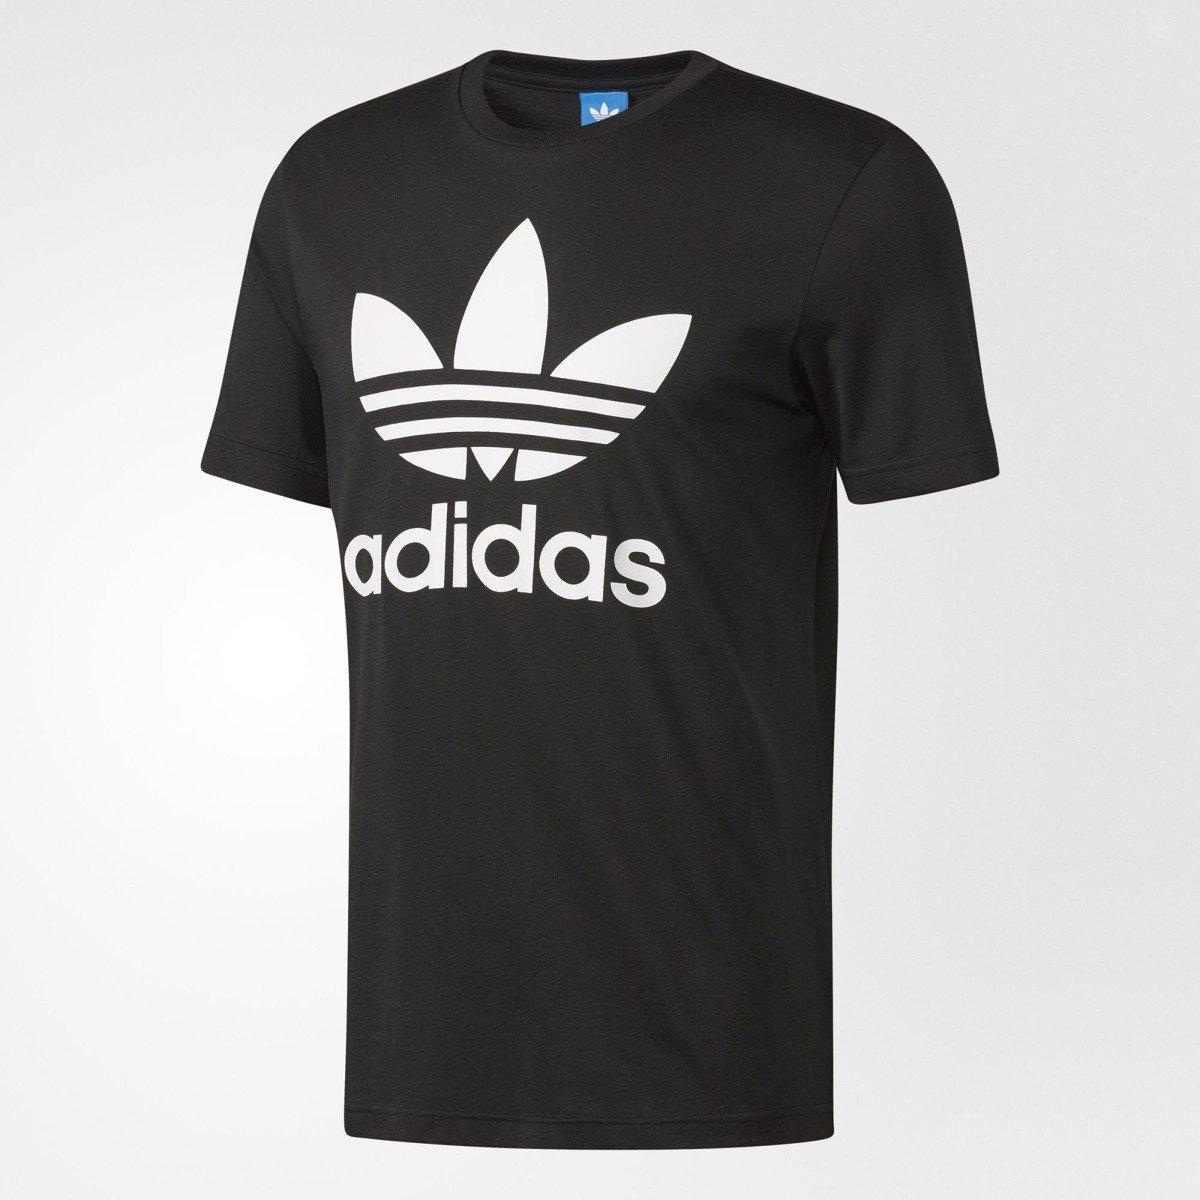 Adidas Originals Trefoil T Shirt Aj8830 Basketball